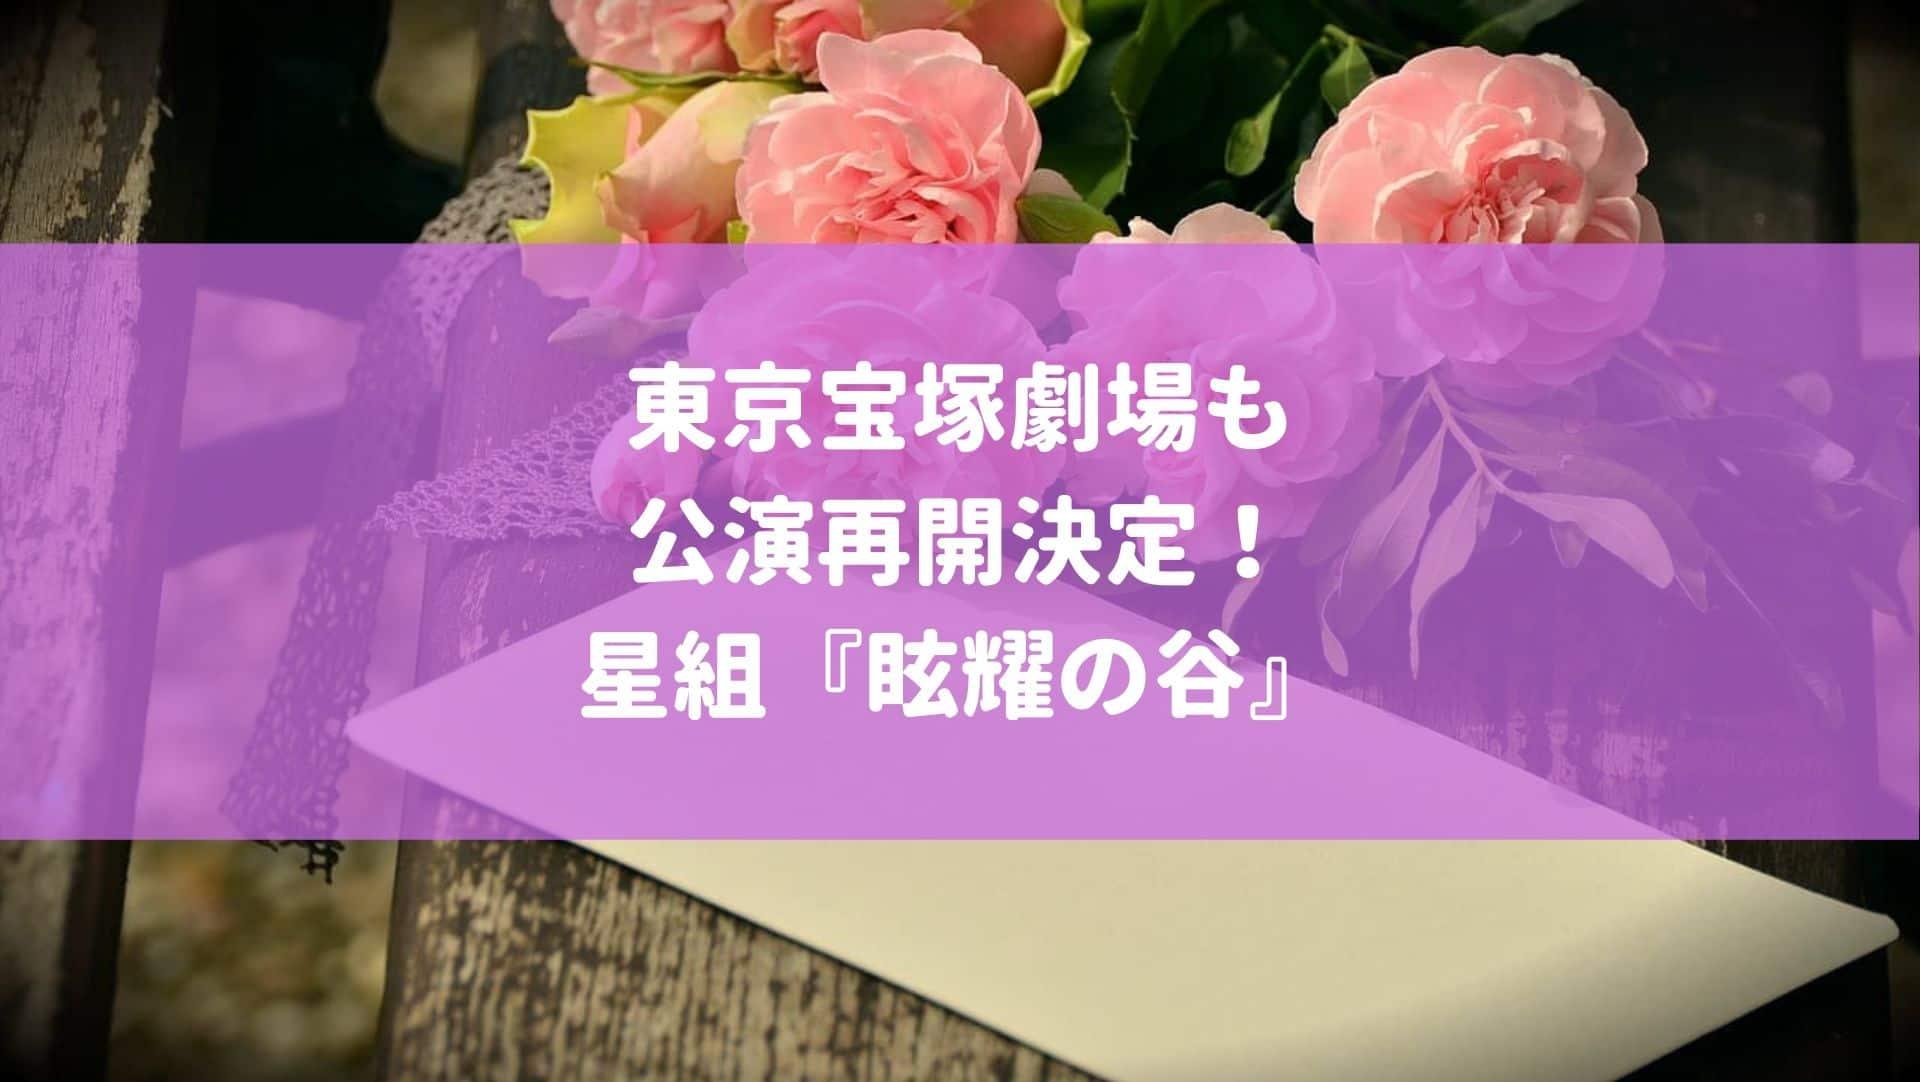 東京宝塚劇場も公演再開決定!星組『眩耀の谷』